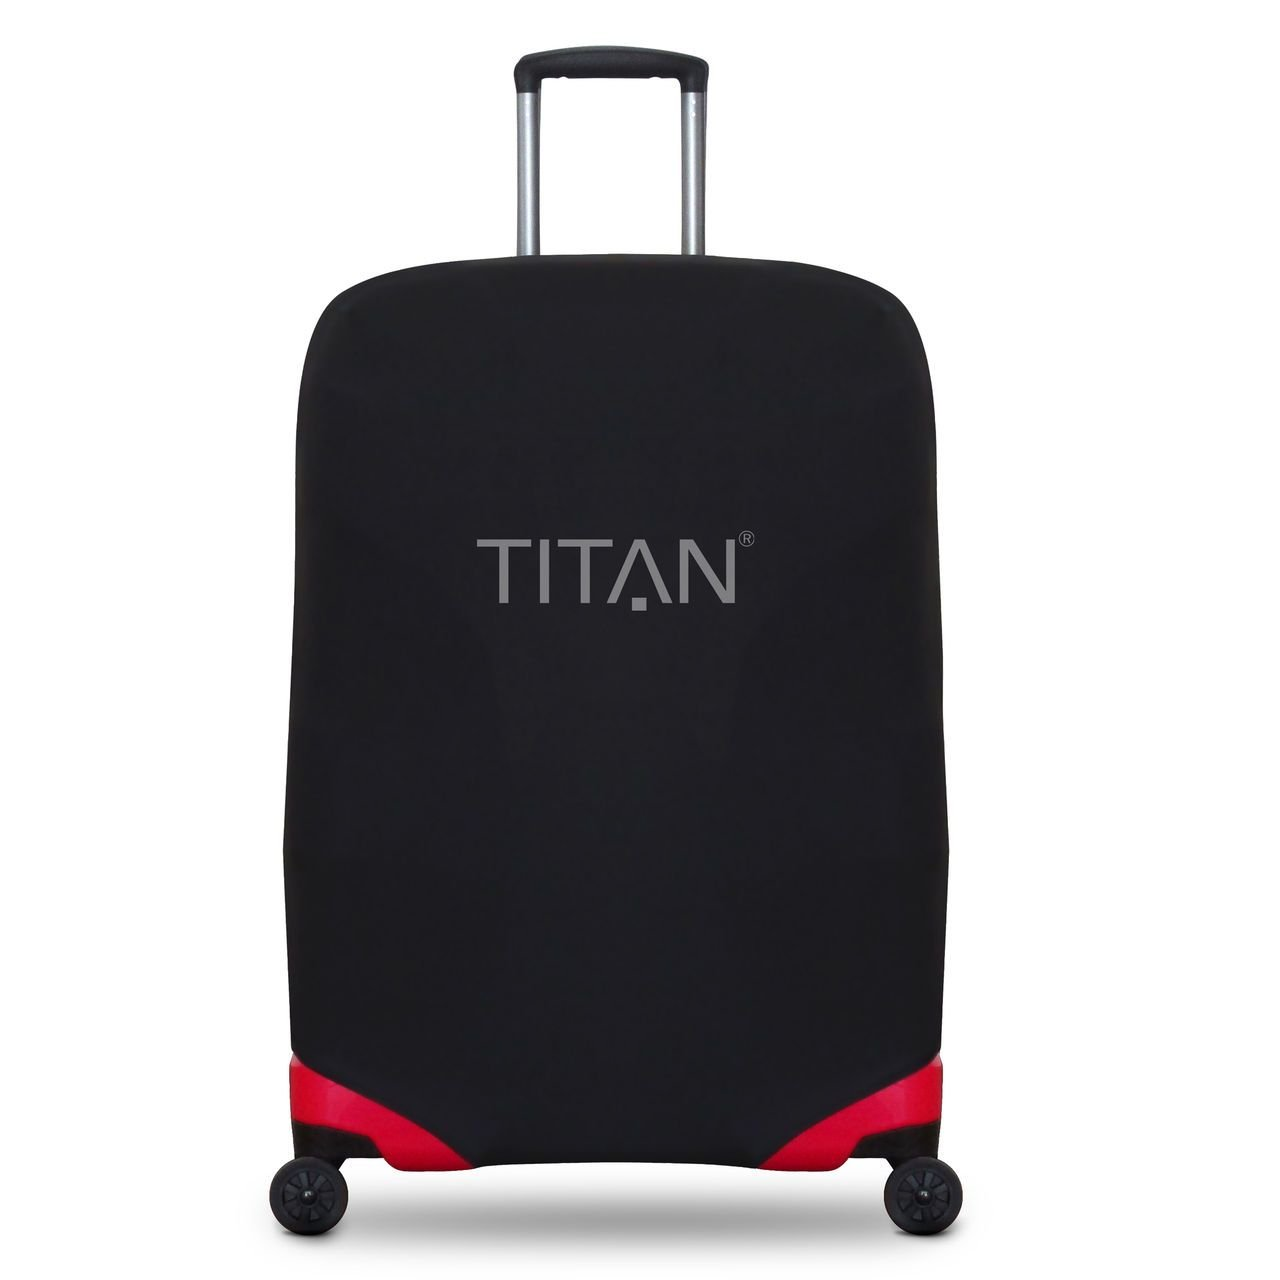 TITAN Luggage Cover Universal - aus elastischem Spandex Polyester für 4-Rad Trolleys M+, Black, 825307-01 Bagage Cabine, 71 cm, 0.01 liters, Noir (Black)